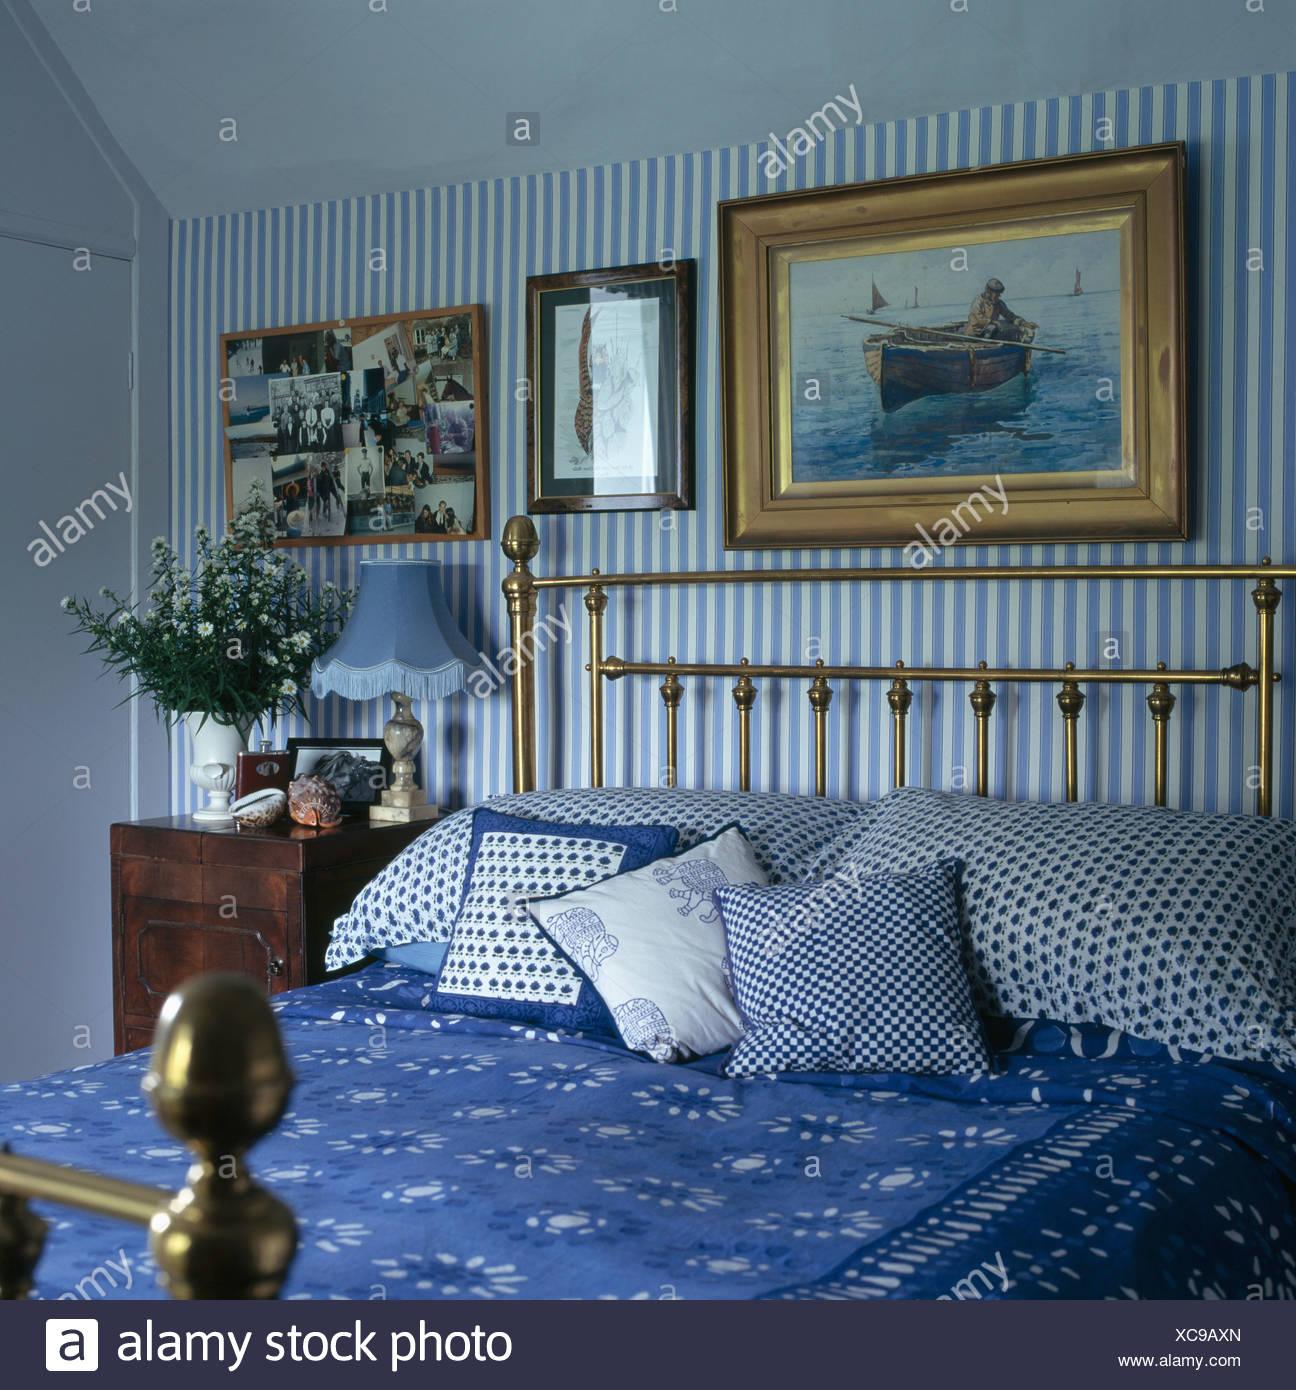 Bilder über Messingbett mit blauen + weiße Kissen und Bettdecke im ...